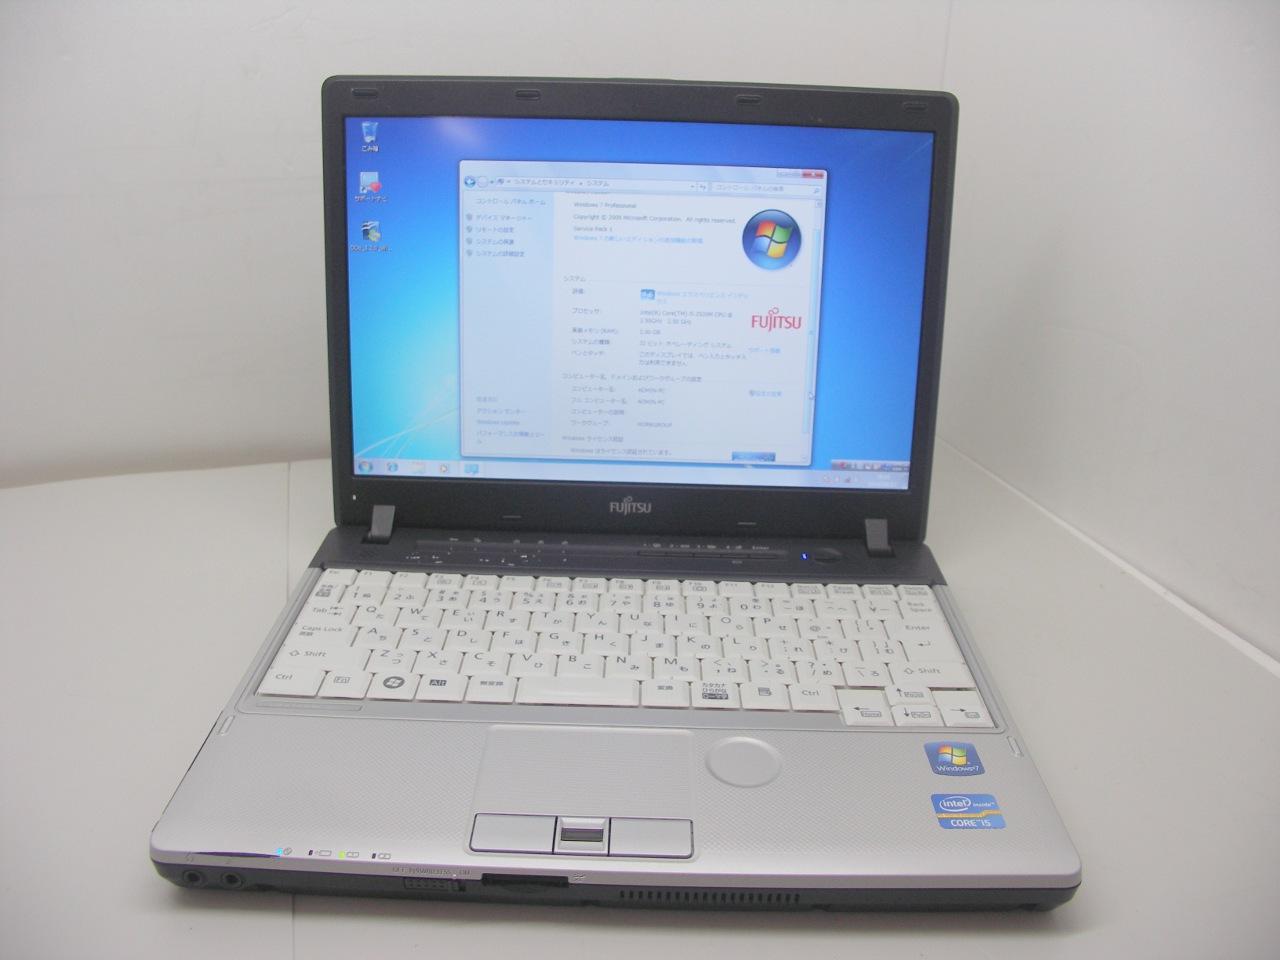 Windows7搭載 P771/D Corei5 2520M 2.5GHz/2GB/250GB/無線LAN/マルチ【中古】【送料無料】【あす楽対応】